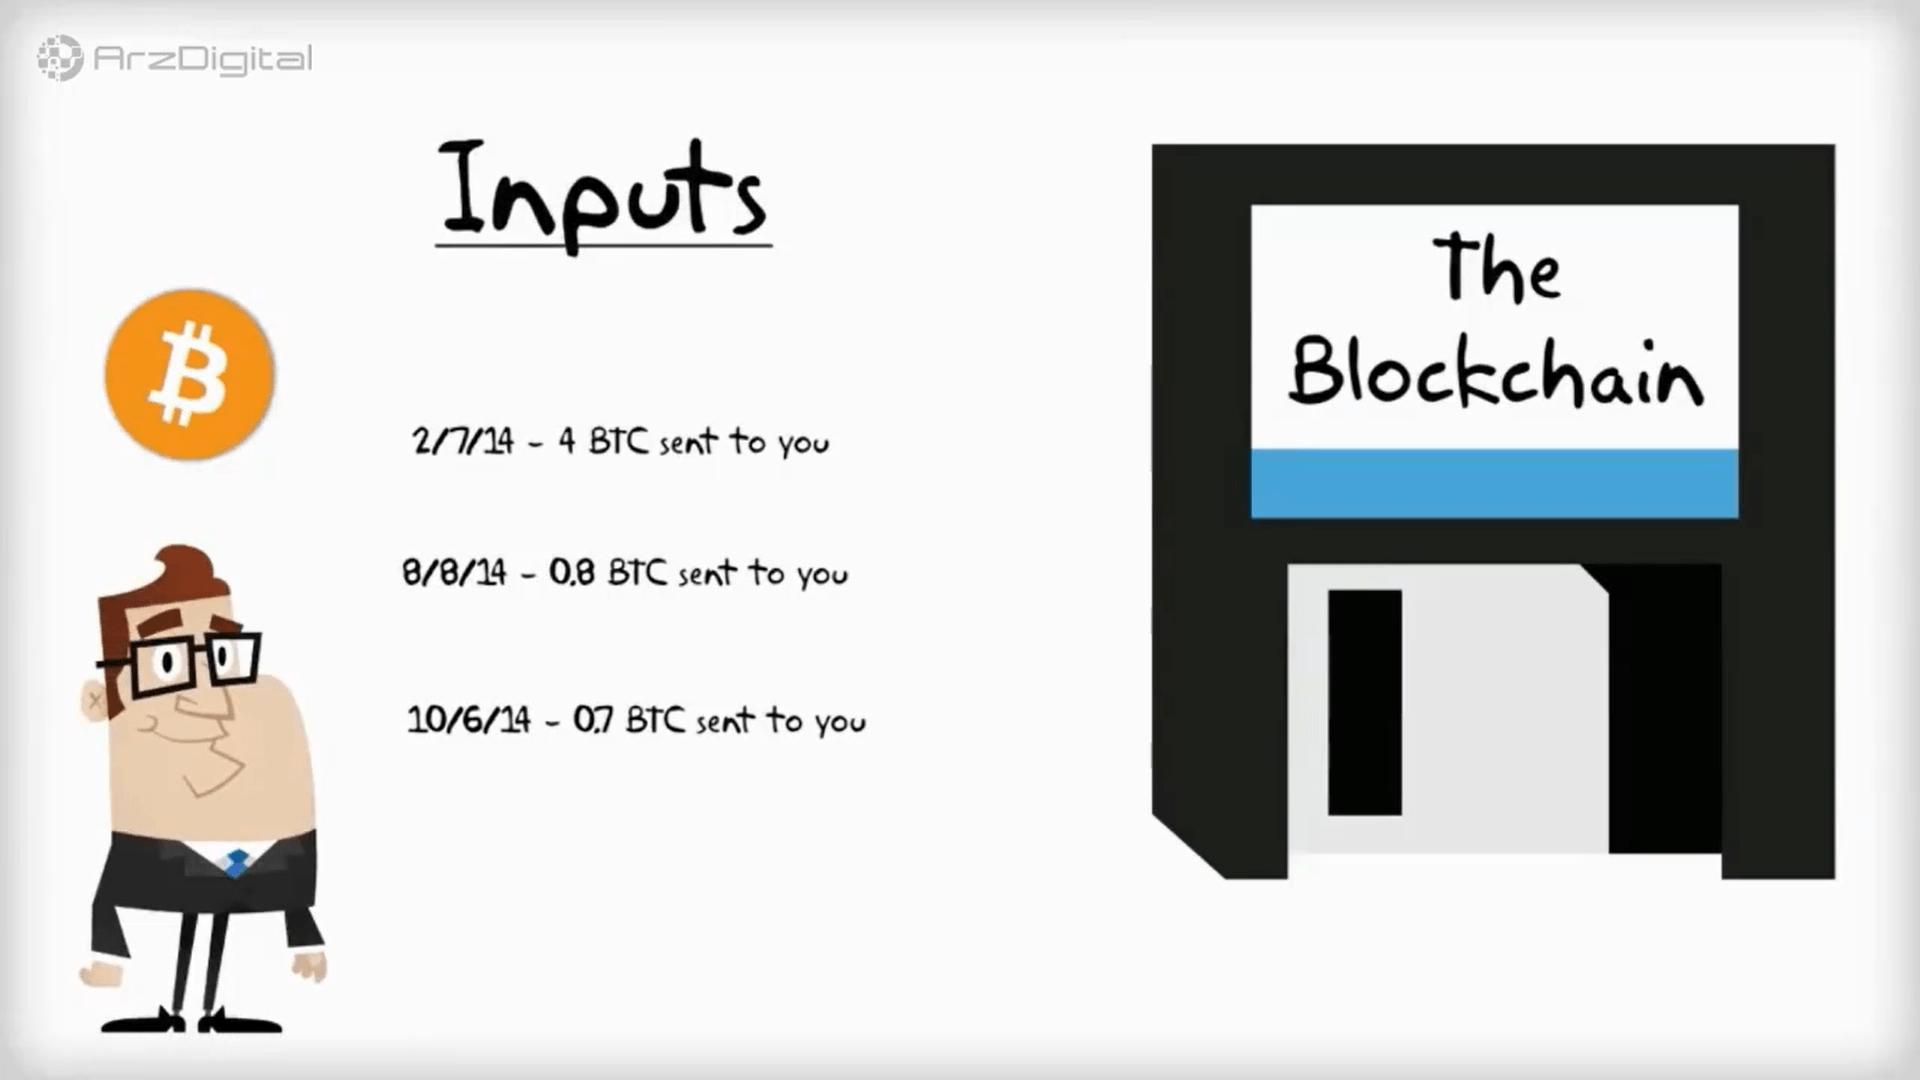 اینپوت (input) و آوتپوت (output) در تراکنش بیت کوین چیست؟